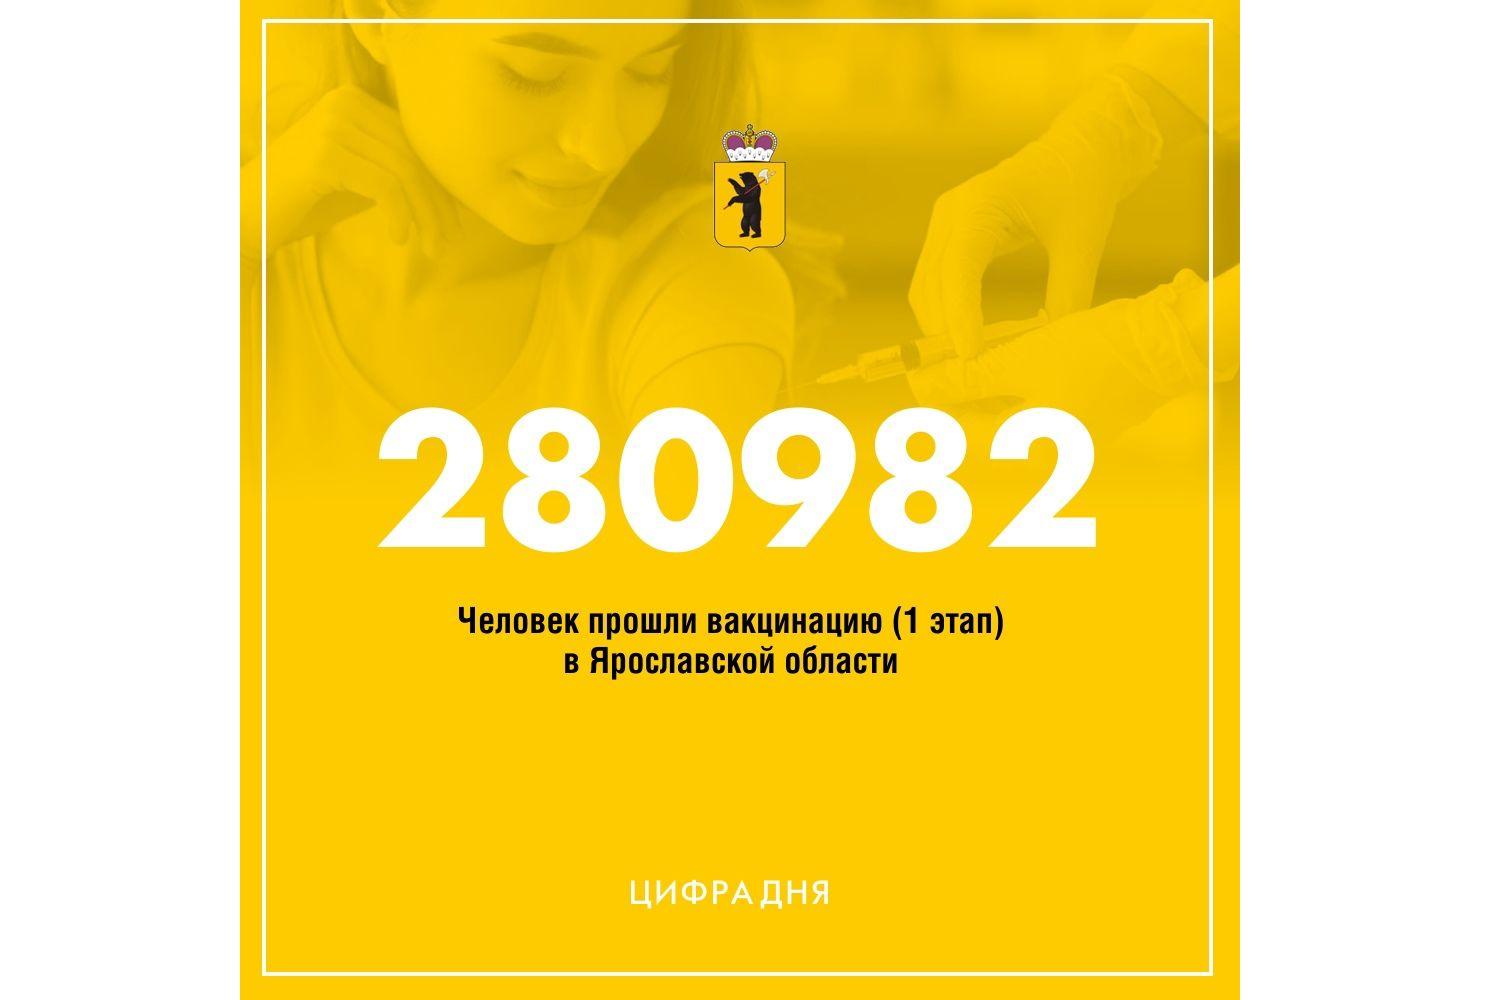 В Ярославской области больше 219 тысяч человек вакцинировались от коронавируса